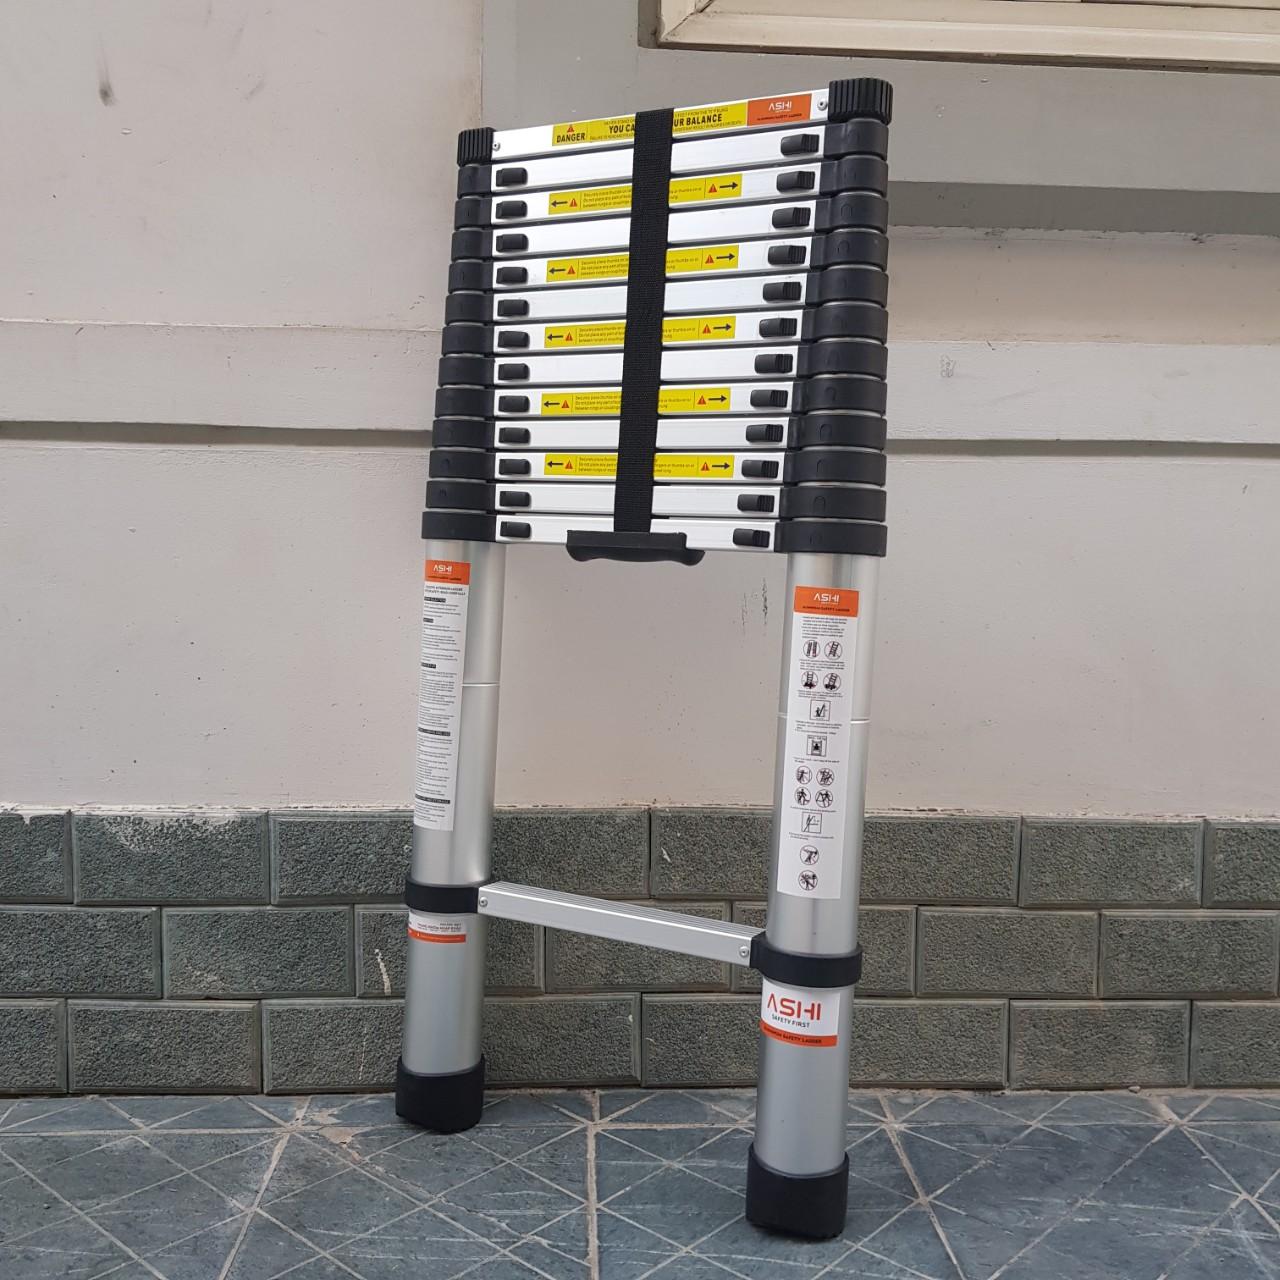 Thang rút đơn 4,4m-Chính hãng Ashi AR44